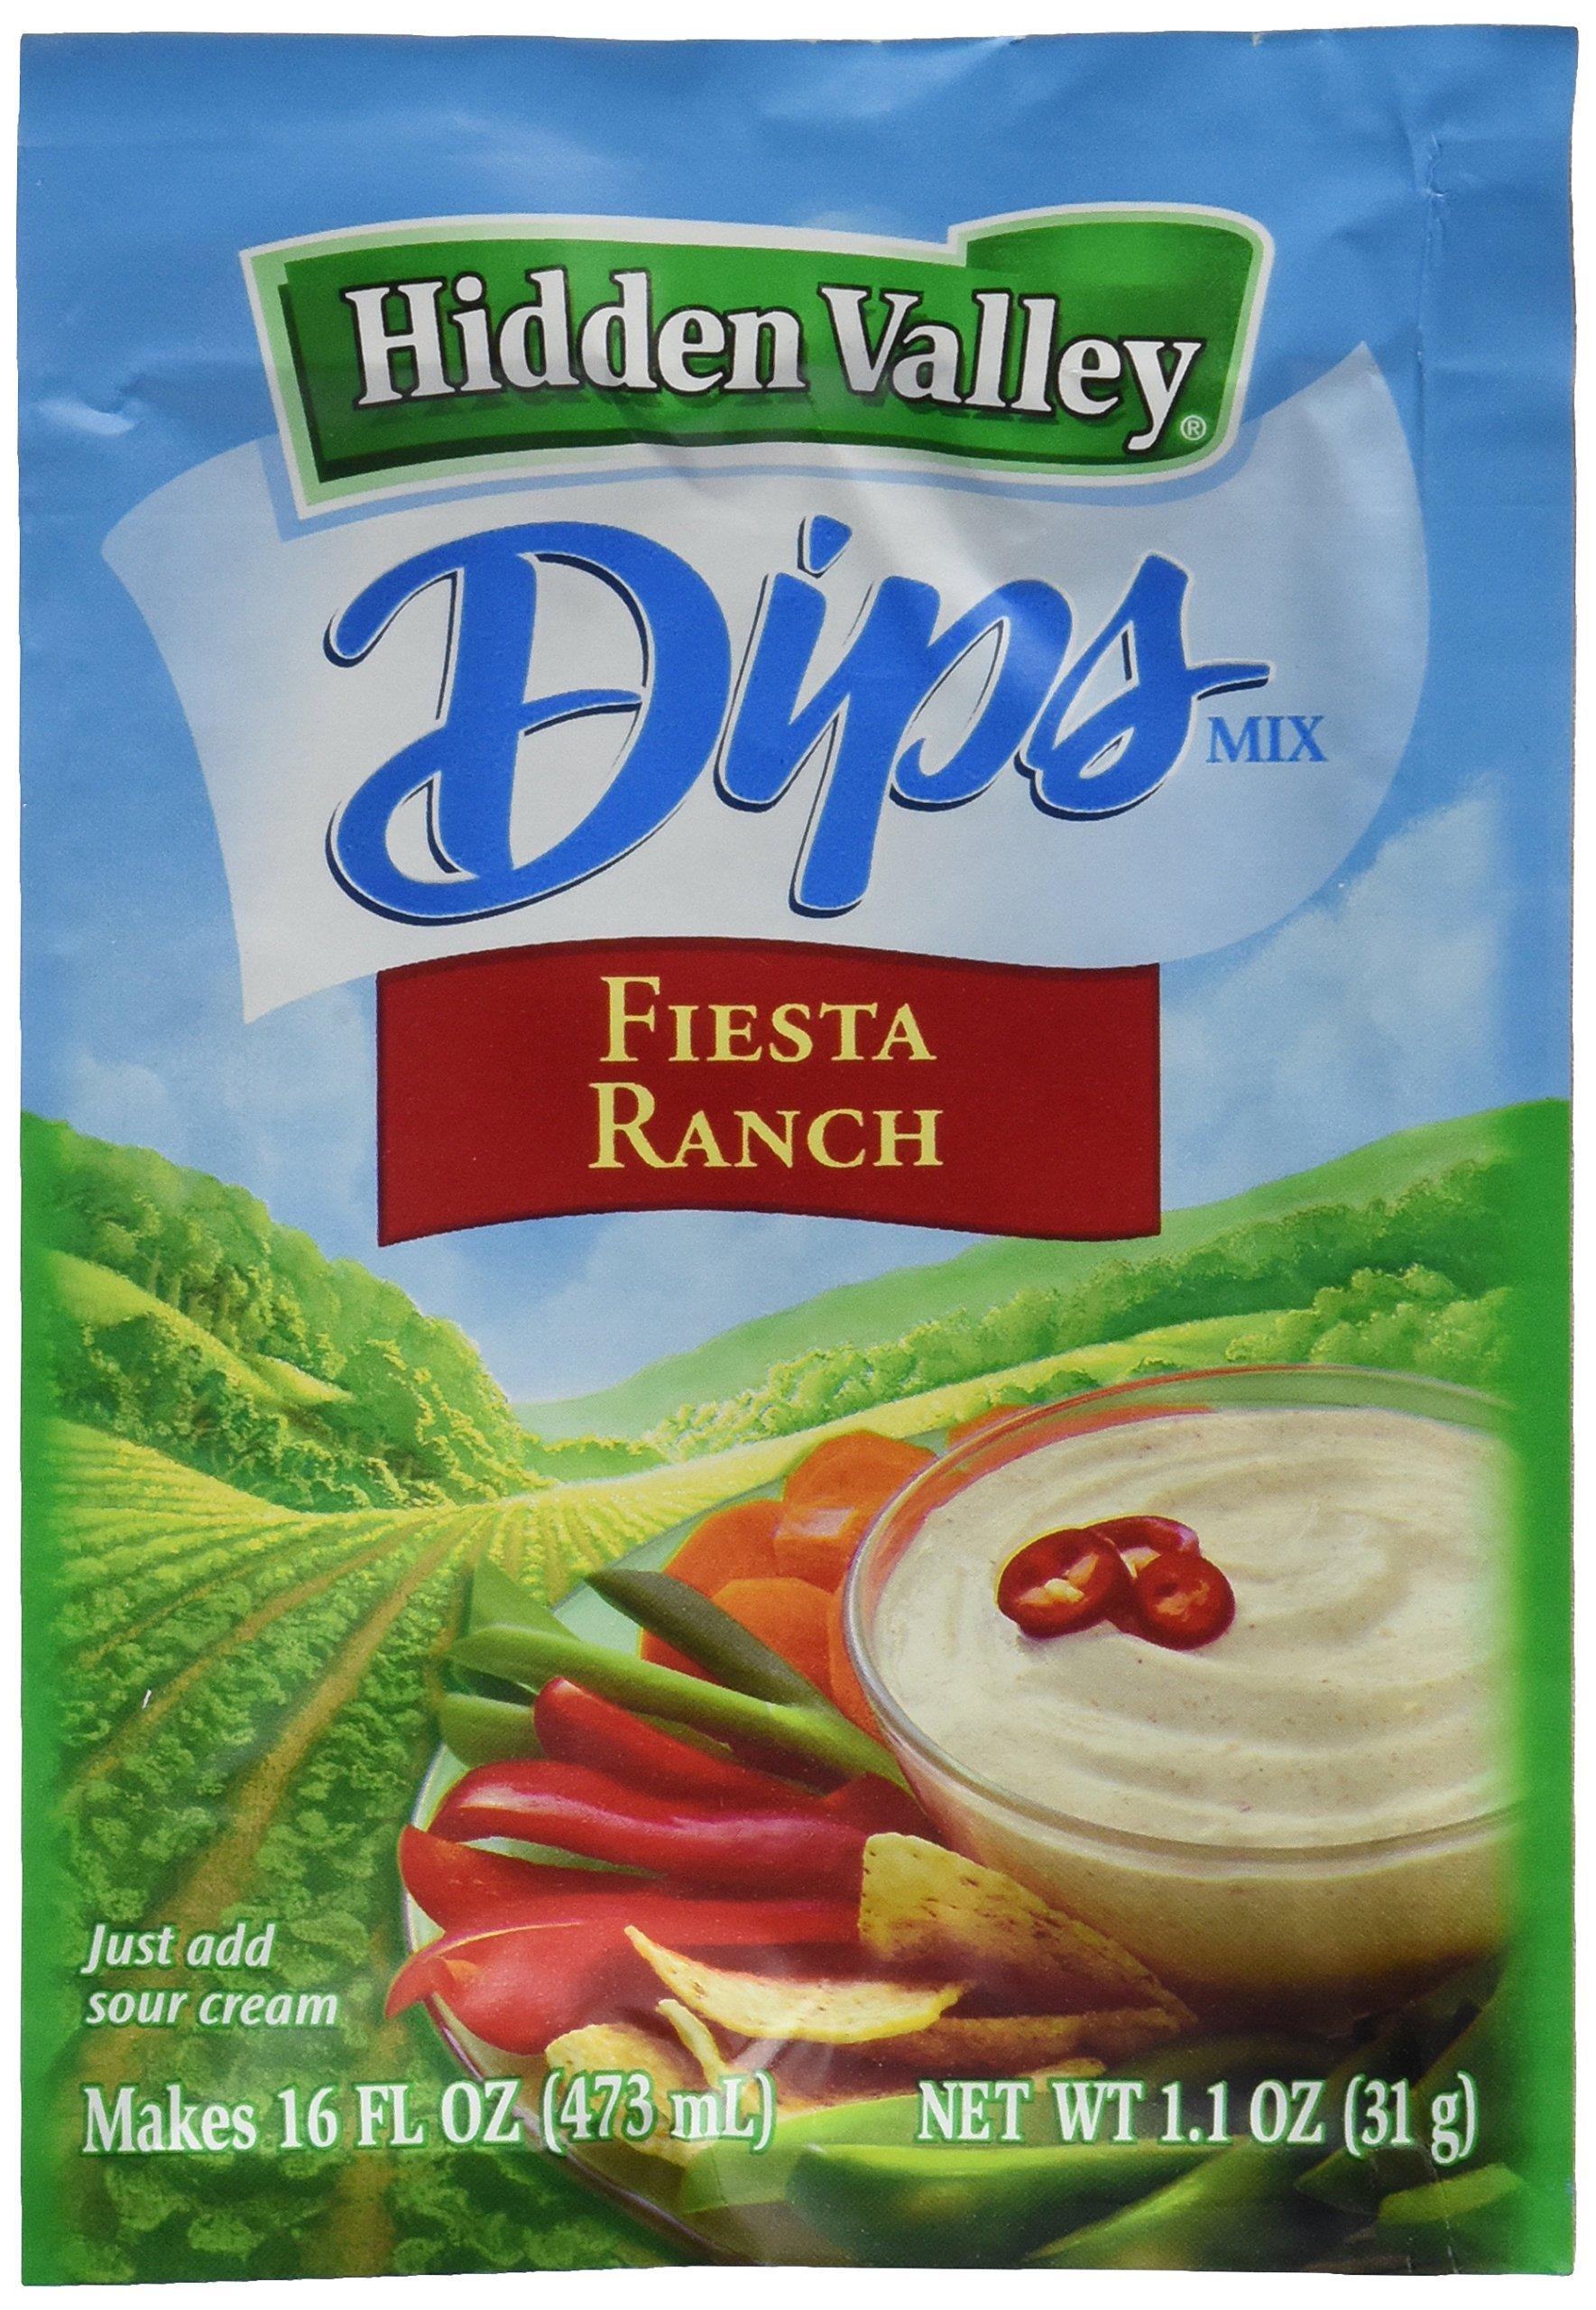 Hidden Valley Fiesta Ranch Dips Mix, Gluten Free - 24 Packets